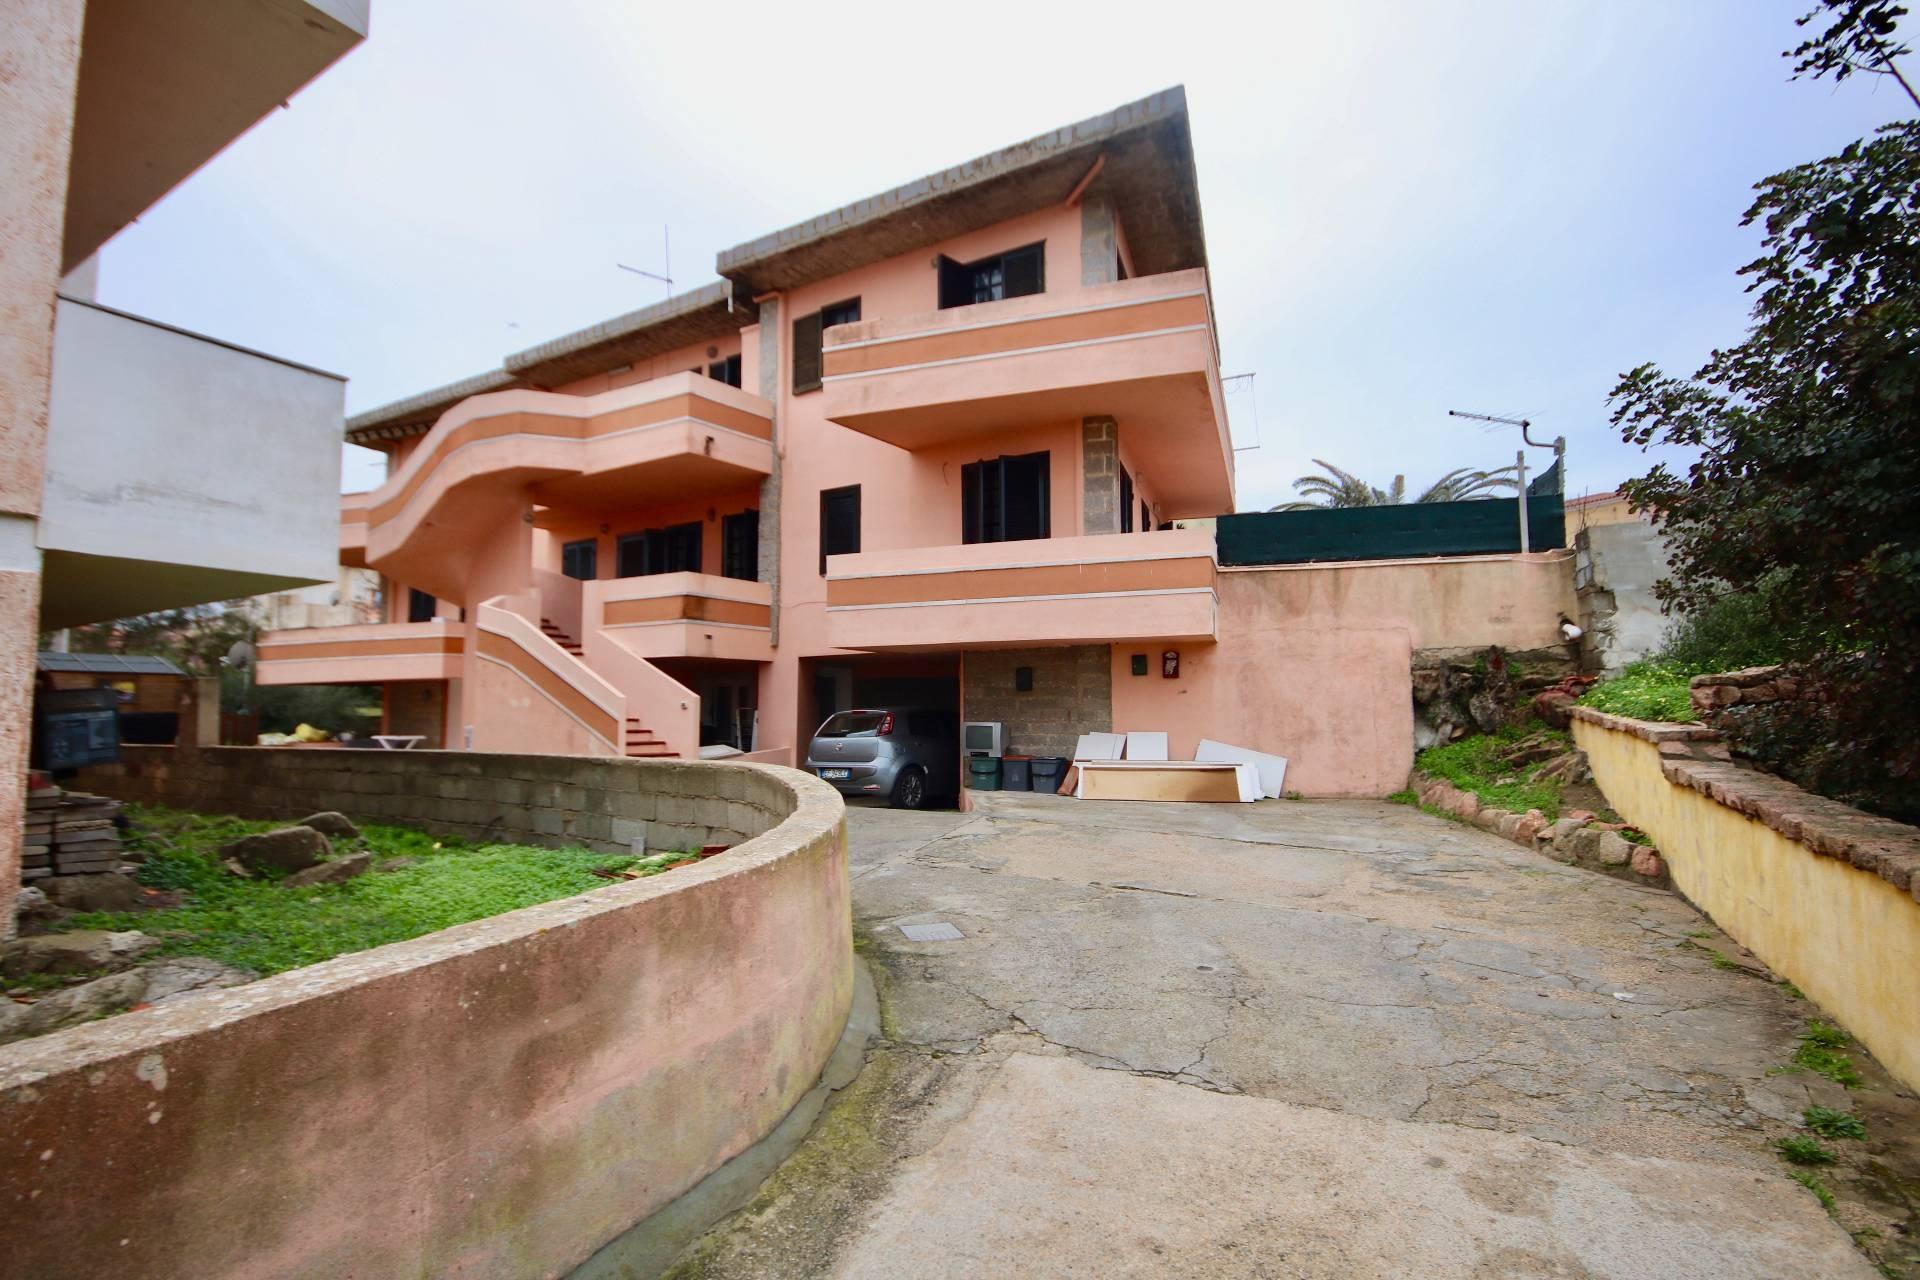 Appartamento in vendita a Santa Teresa Gallura, 3 locali, prezzo € 160.000   PortaleAgenzieImmobiliari.it